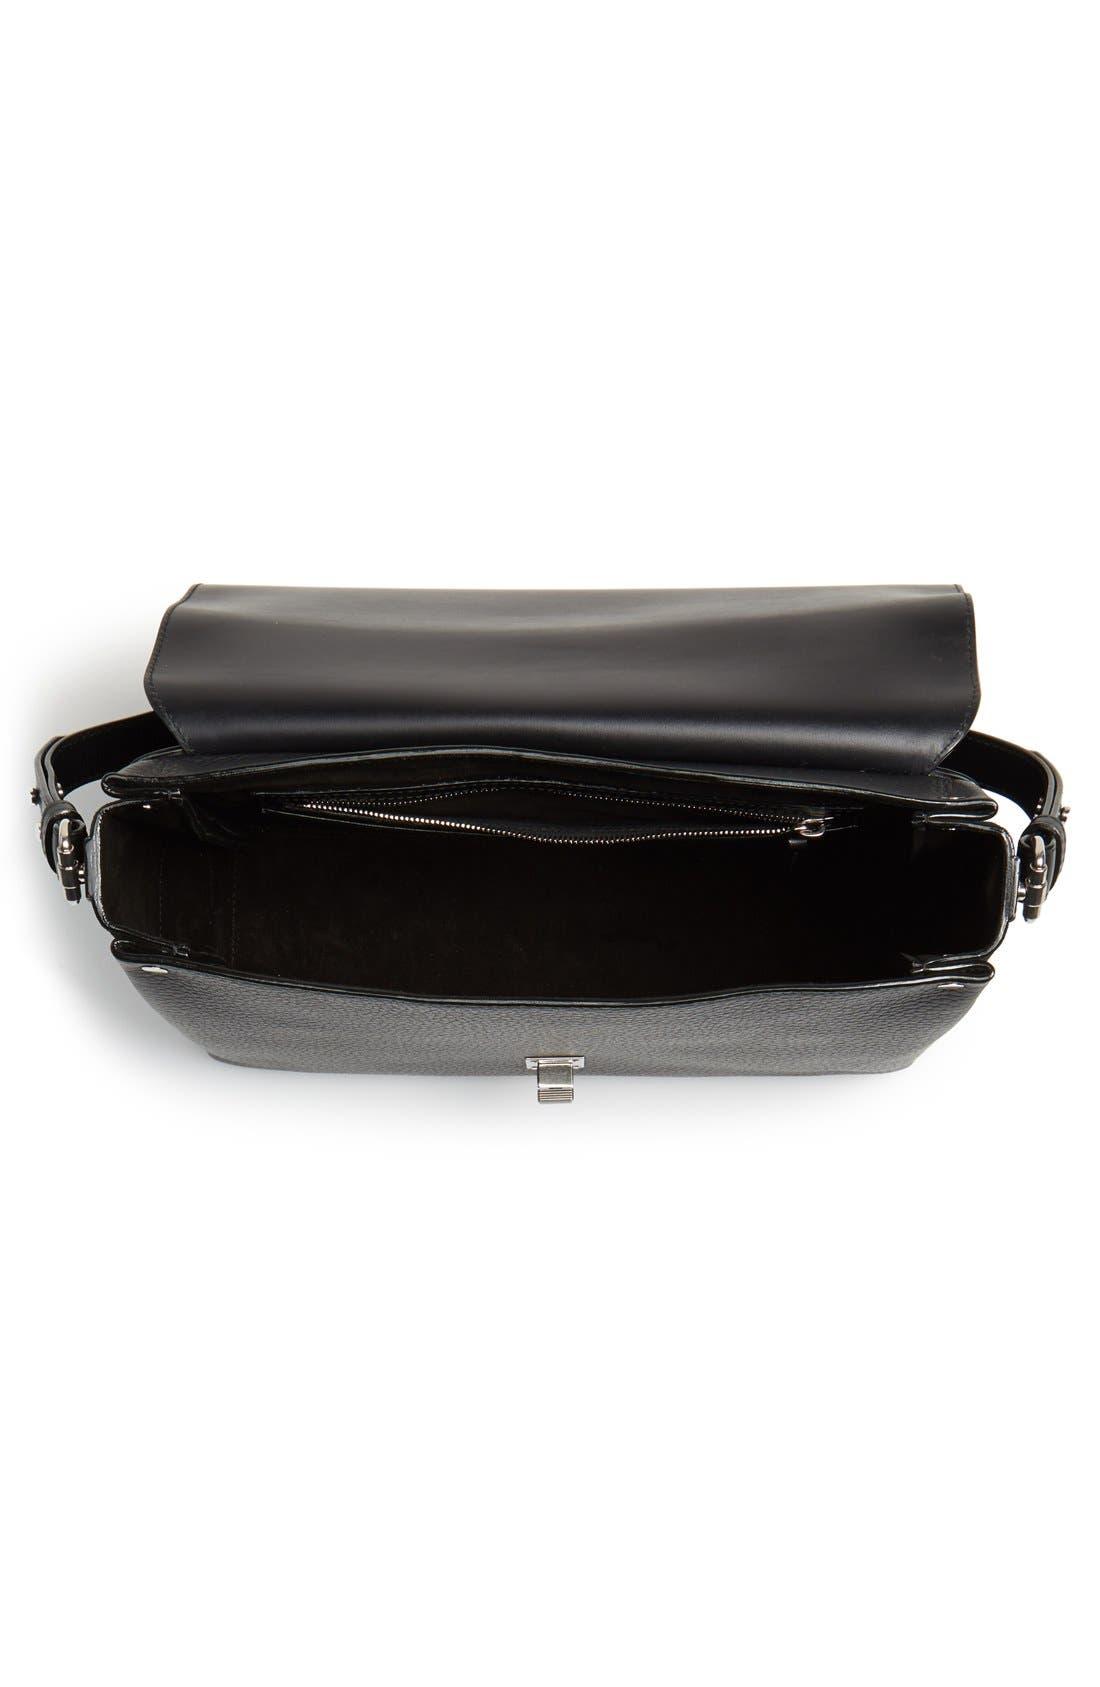 Alternate Image 3  - Proenza Schouler 'Elliot' Leather Shoulder Bag